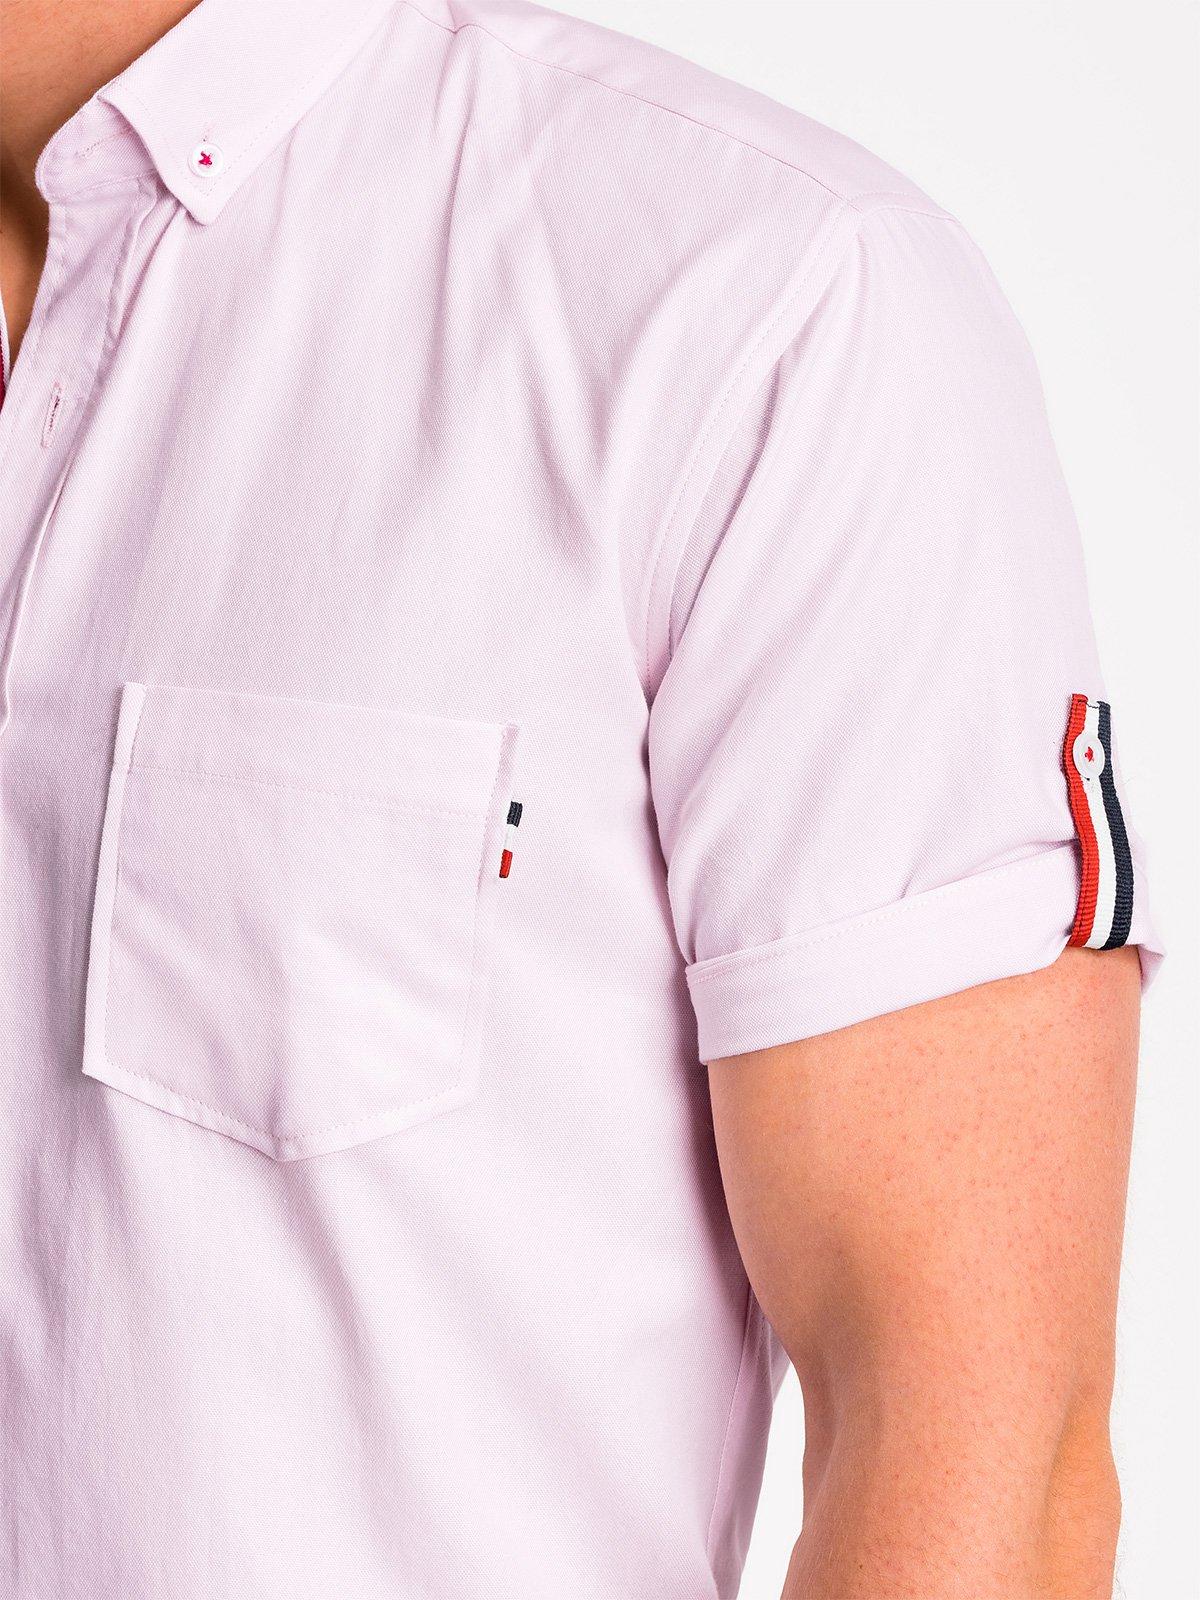 Koszula męska z krótkim rękawem K489 pudrowy róż Ombre